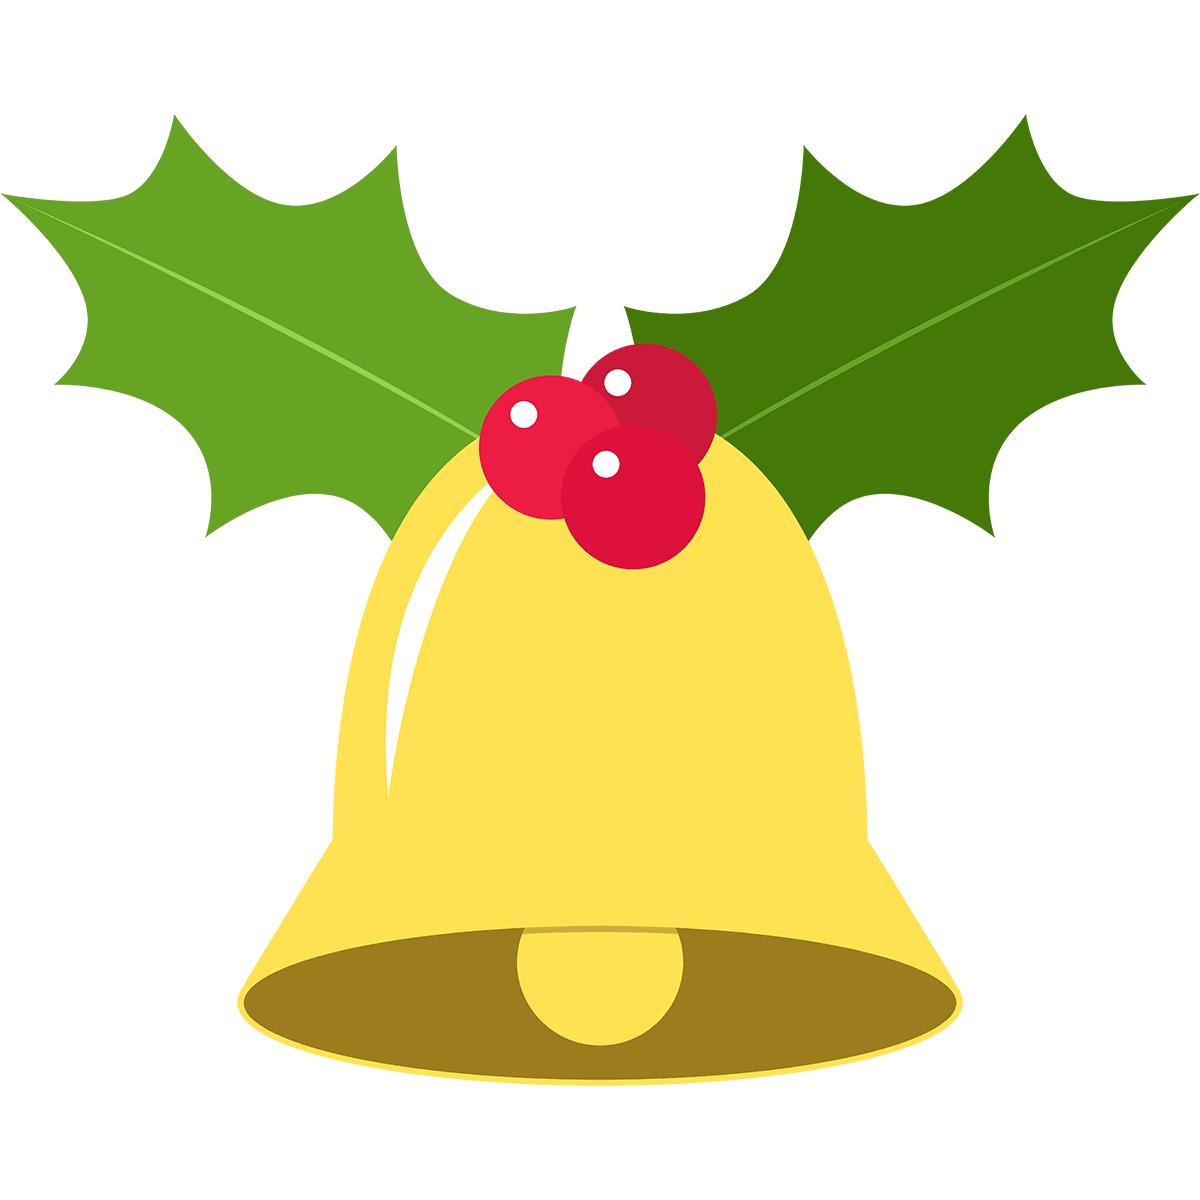 クリスマスベル(ヒイラギ)の無料イラスト